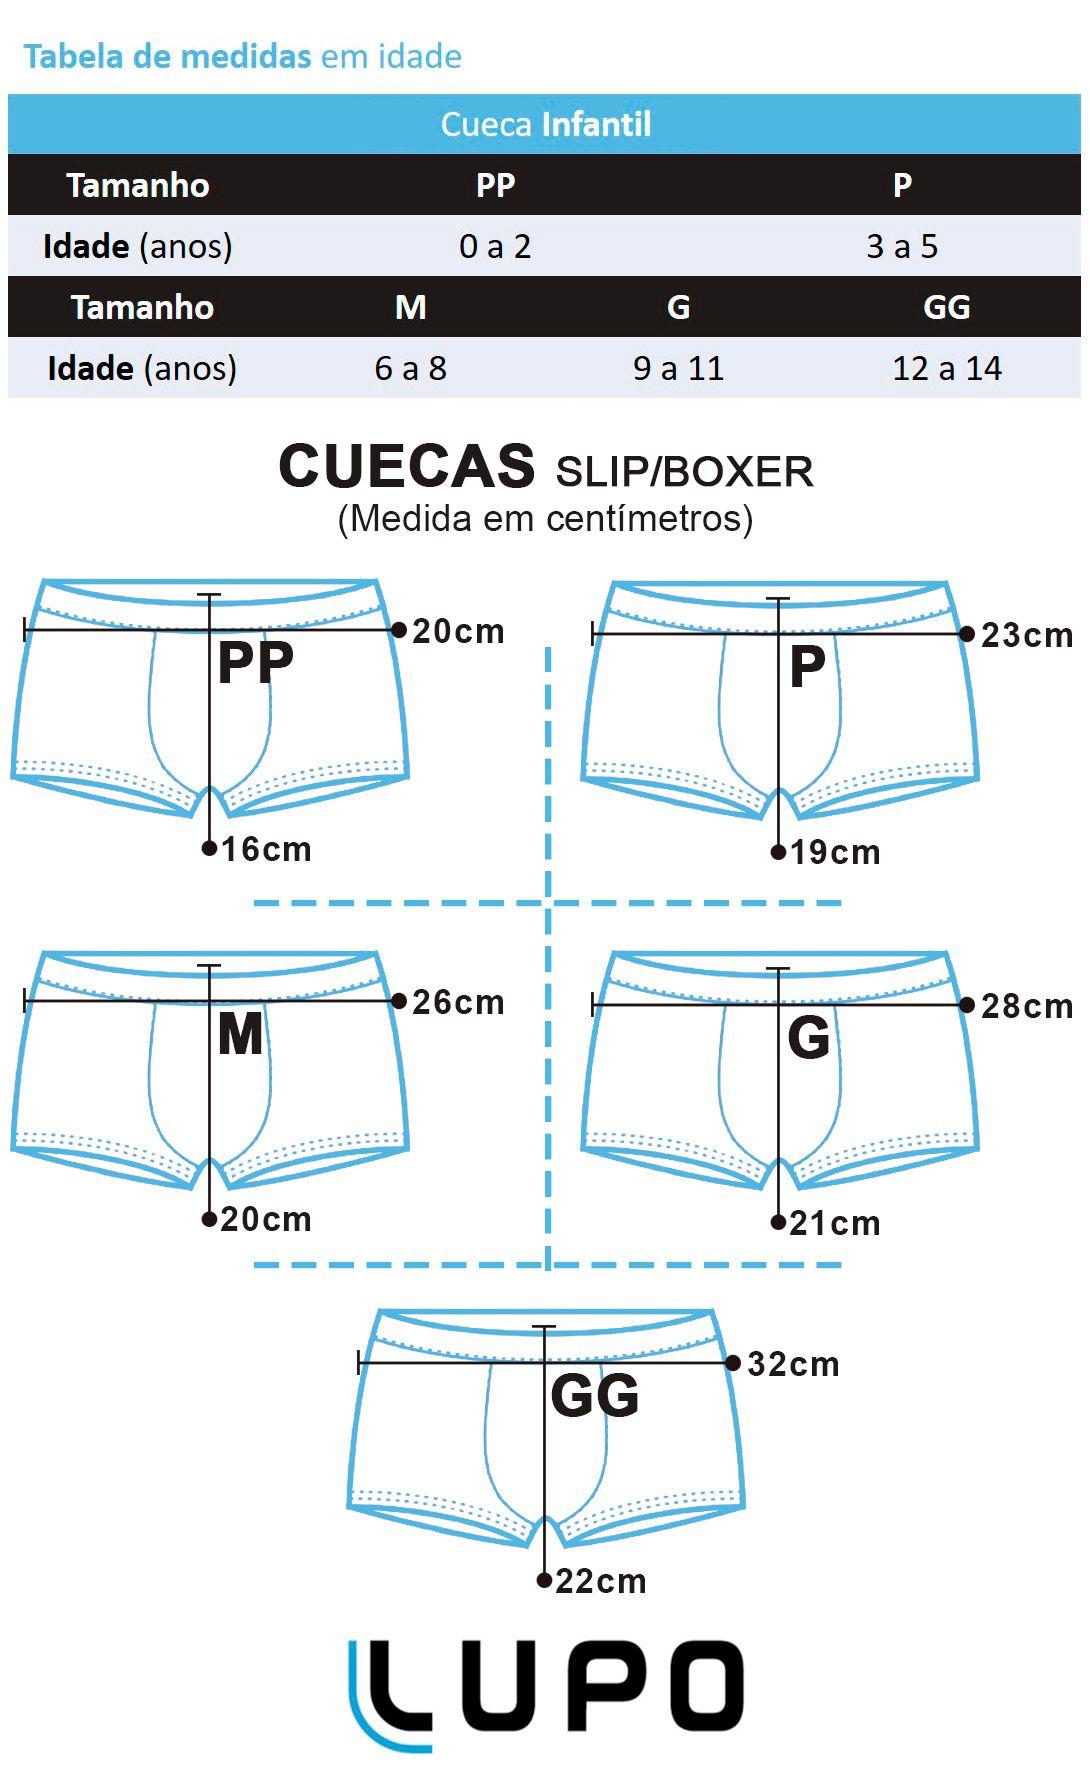 Cueca Infantil Boxer Lupo Kit com 10 Cuecas Sortidas: Tabela de medidas